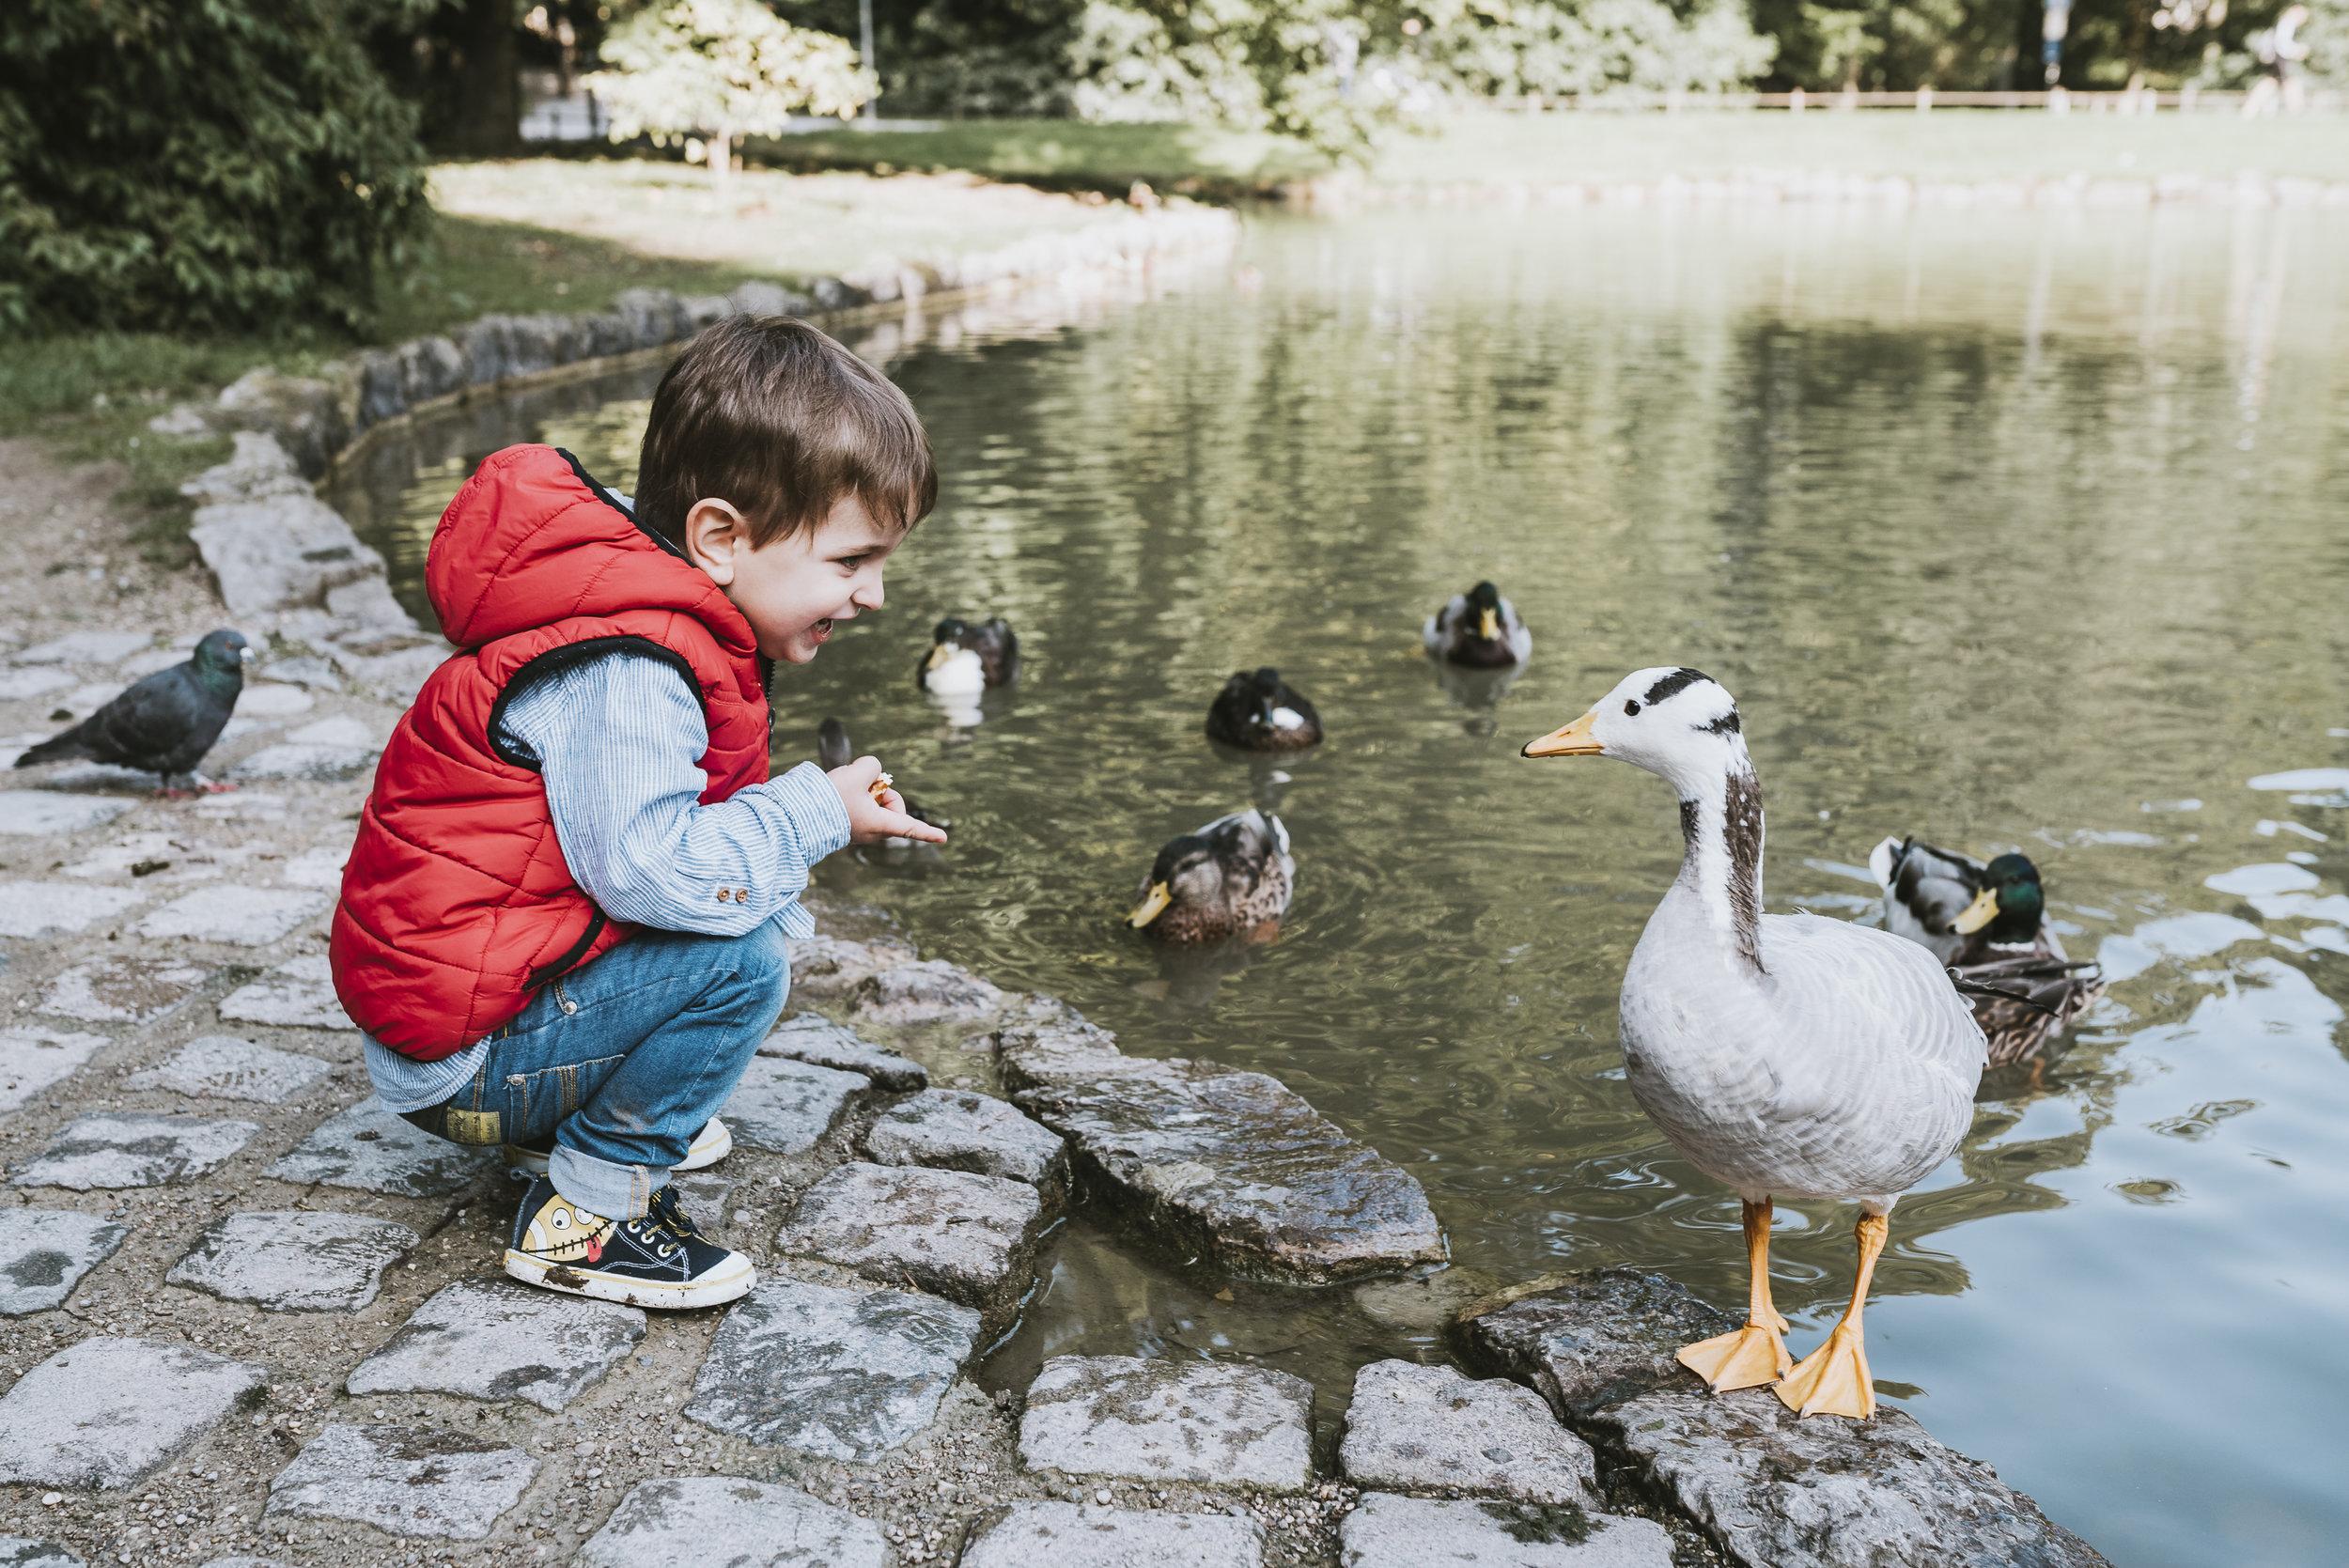 Feeding the ducks at the Englischergarten